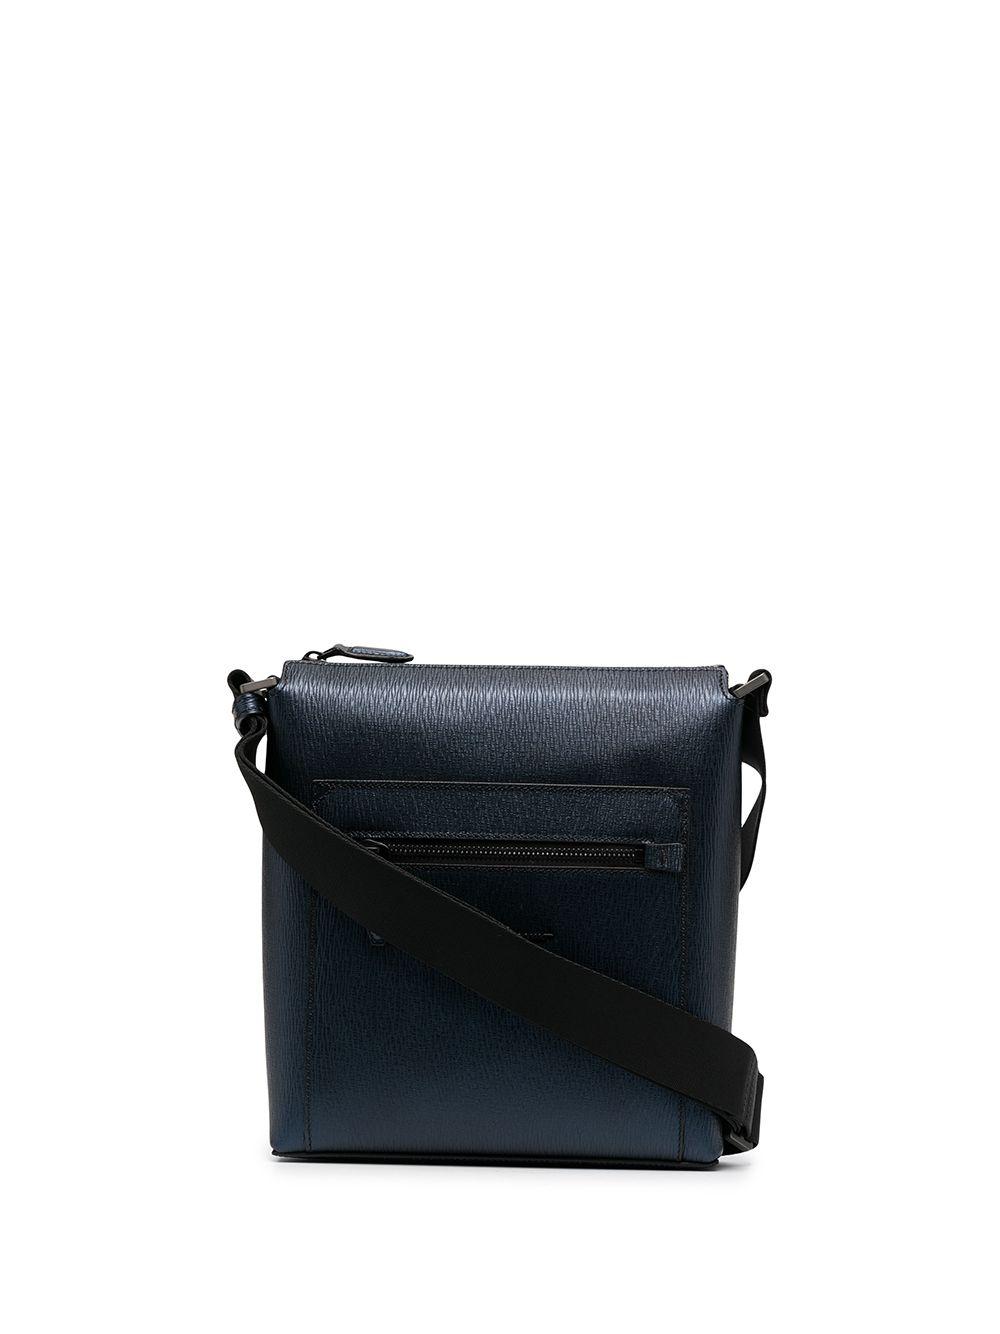 Revival Leather Shoulder Bag